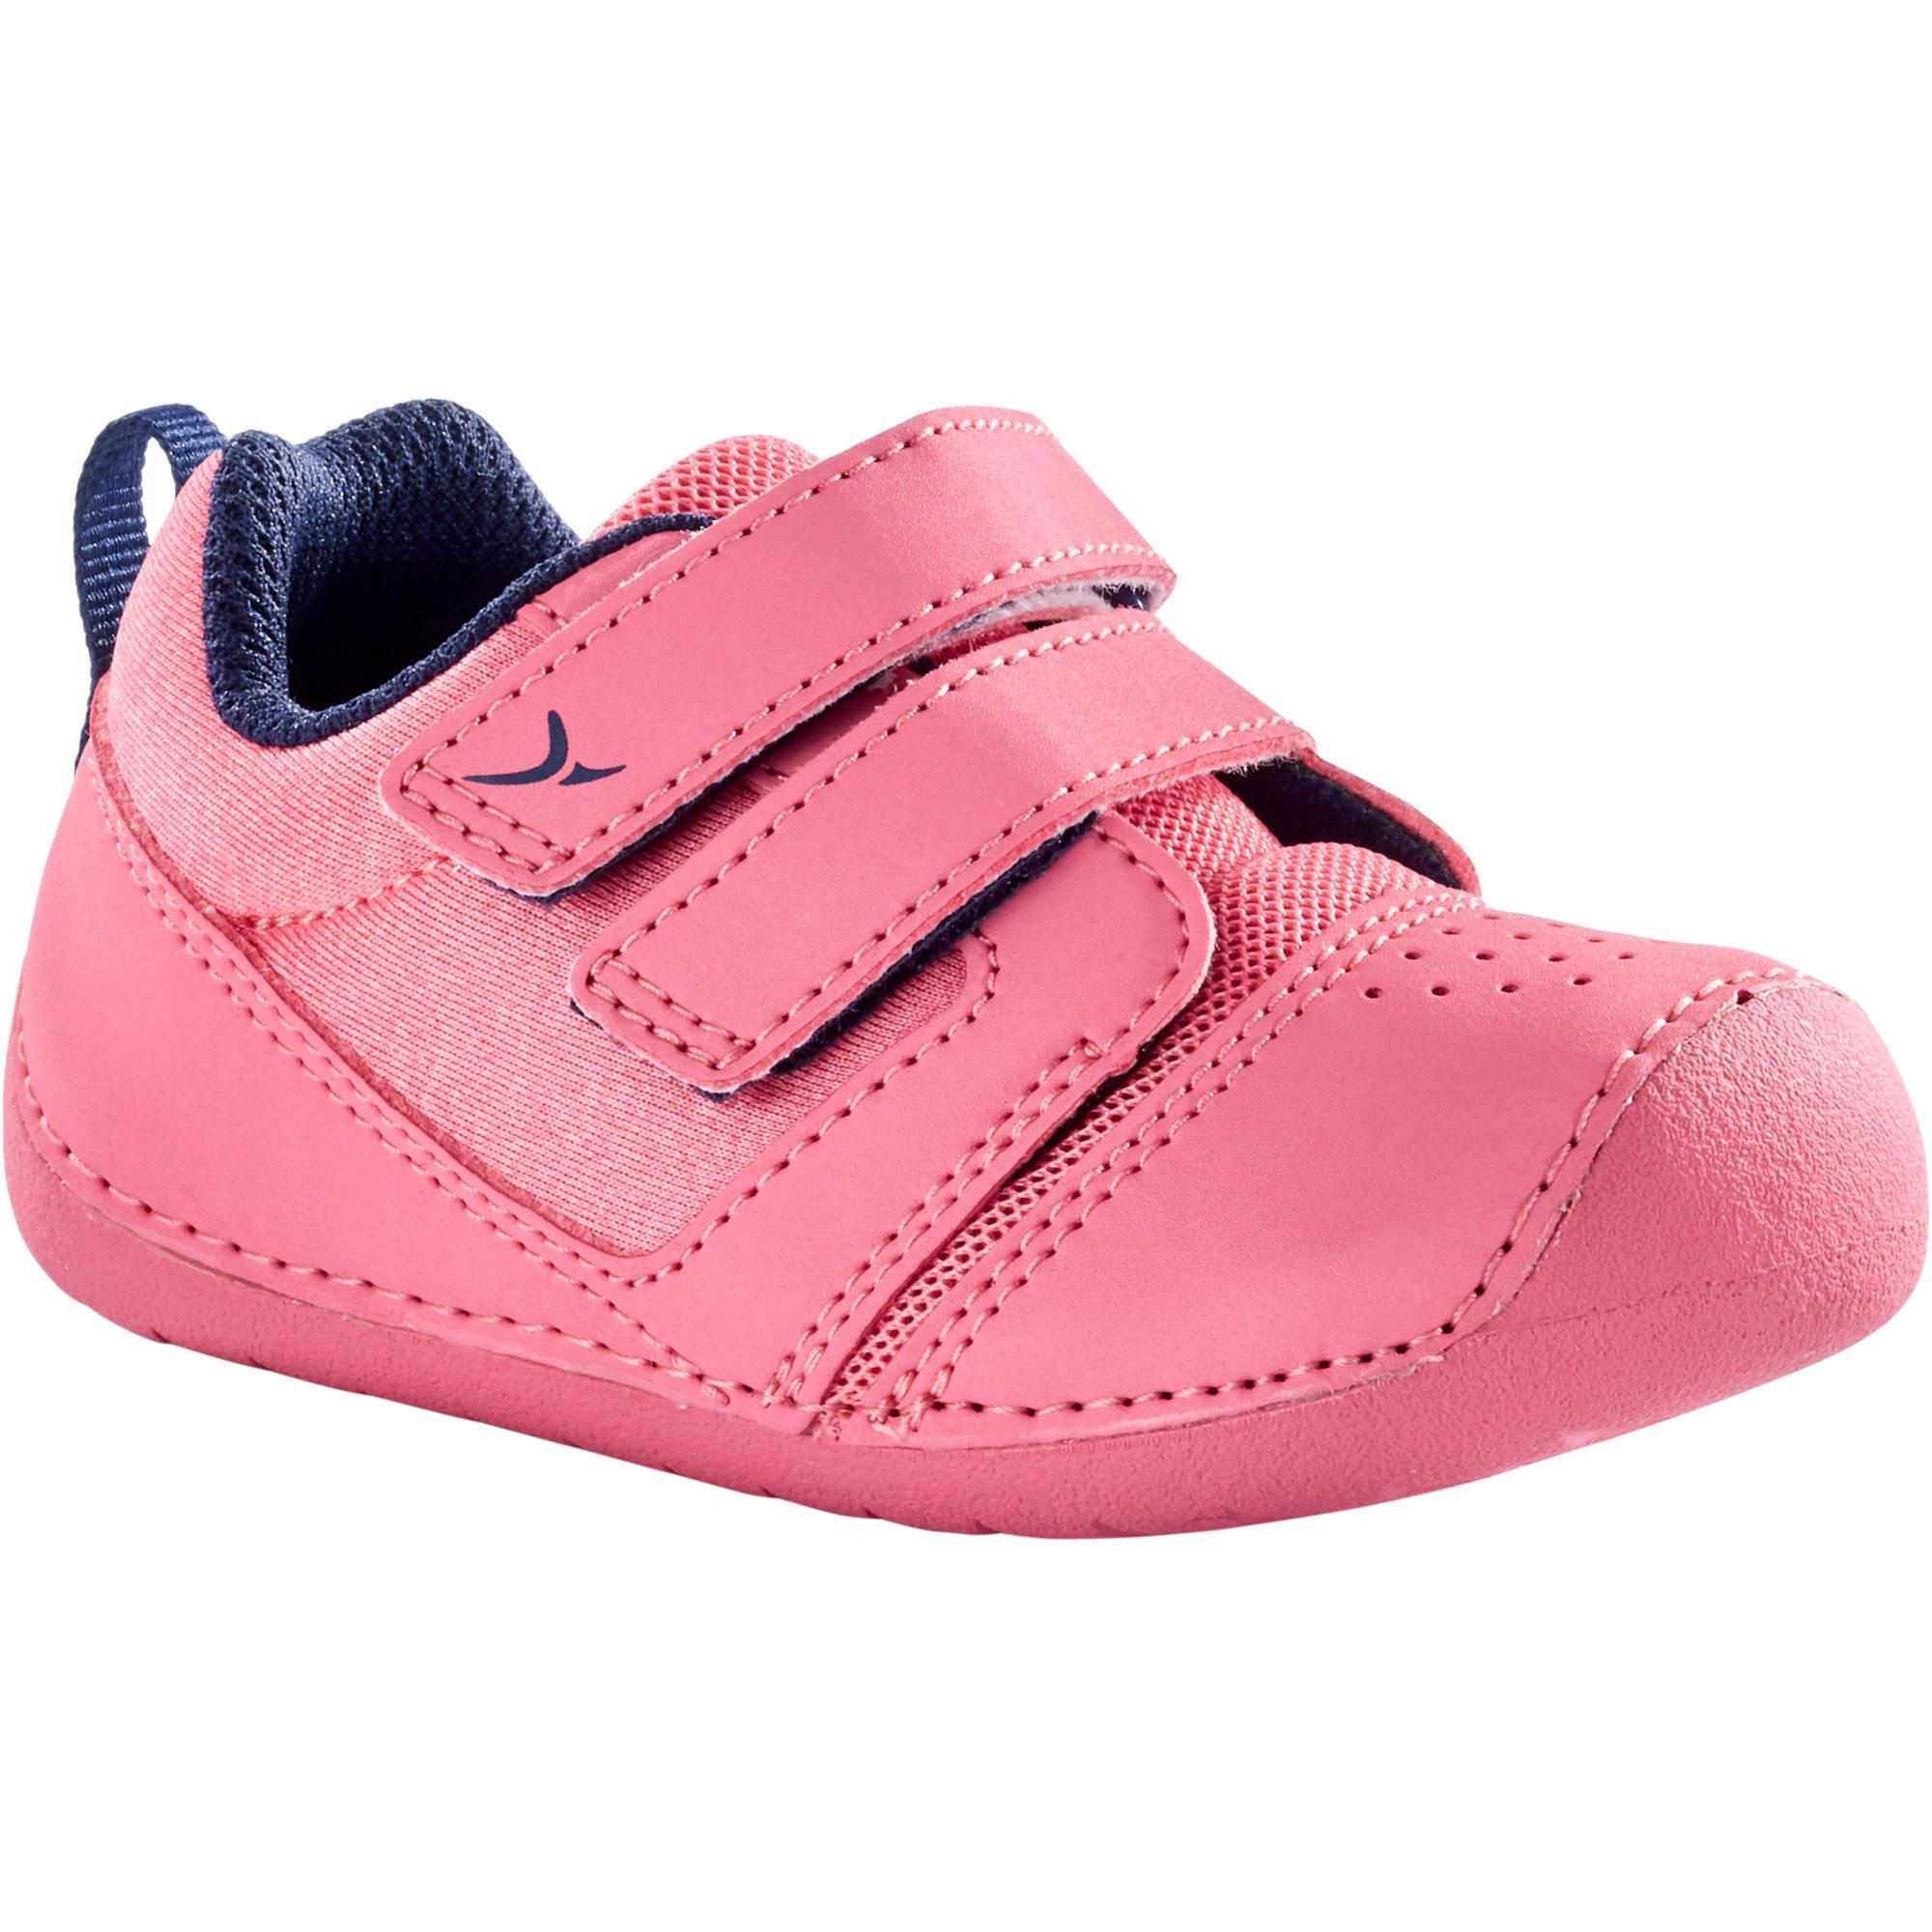 Decathlon Chausson Bebe Fille Soldes Vetements Chaussures Et Accessoires